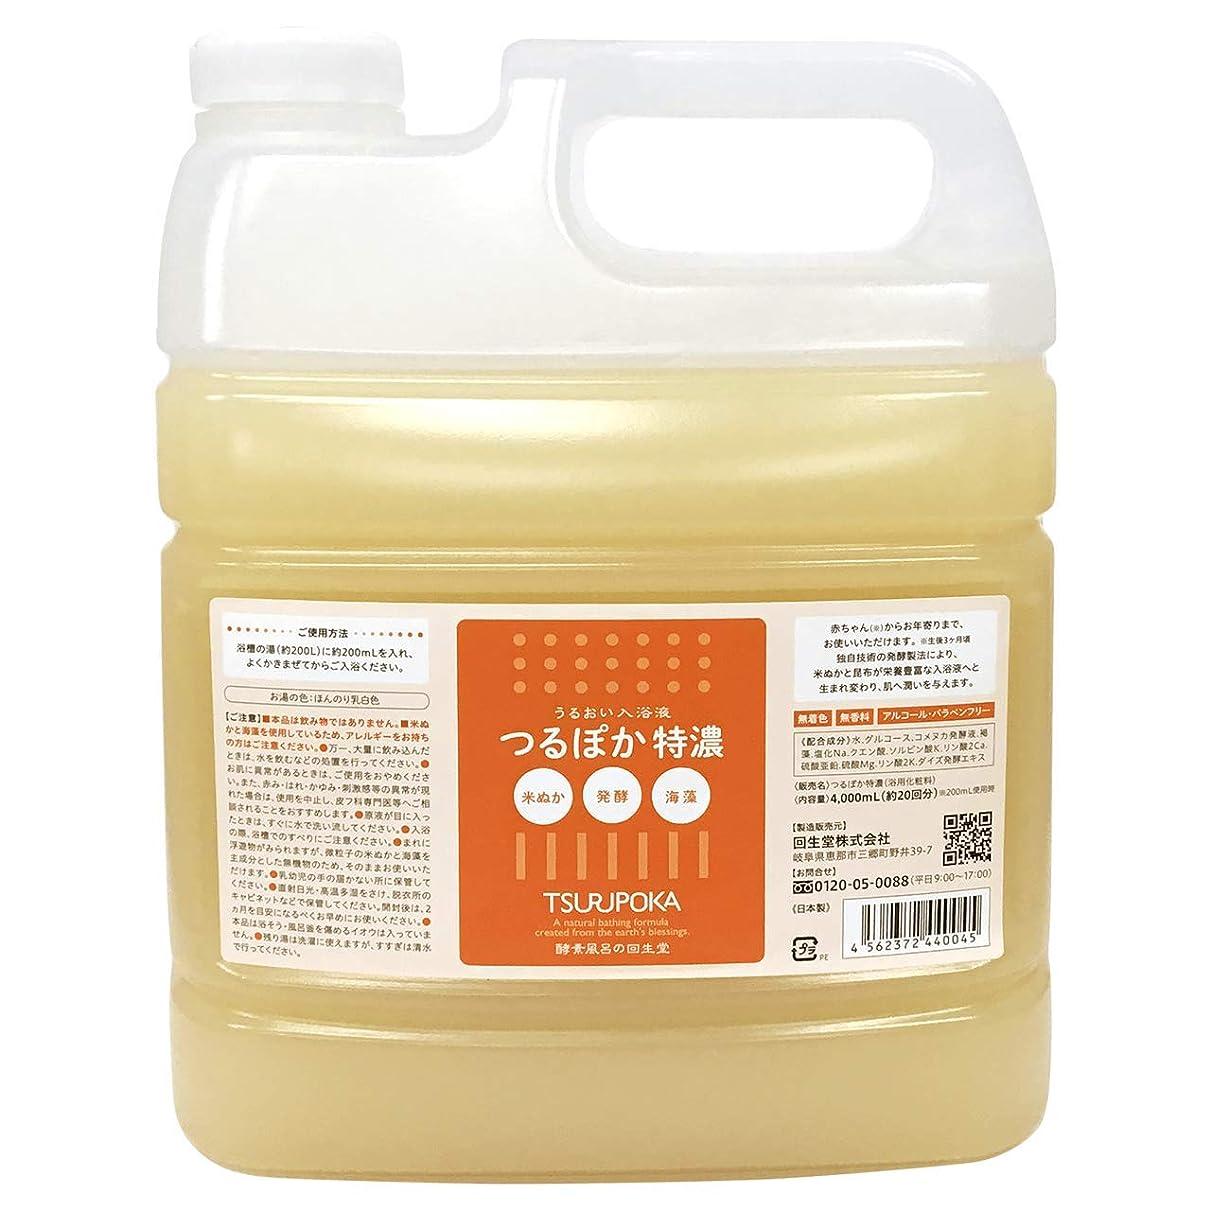 思い出させるイーウェル馬鹿「自宅で簡単酵素風呂」つるぽか特濃 国産の米ぬかと昆布を発酵させた自然派酵素入浴液 約20回分(1回200mL使用)うるおい しっとり 保湿 冷え性 発汗 温活 入浴剤